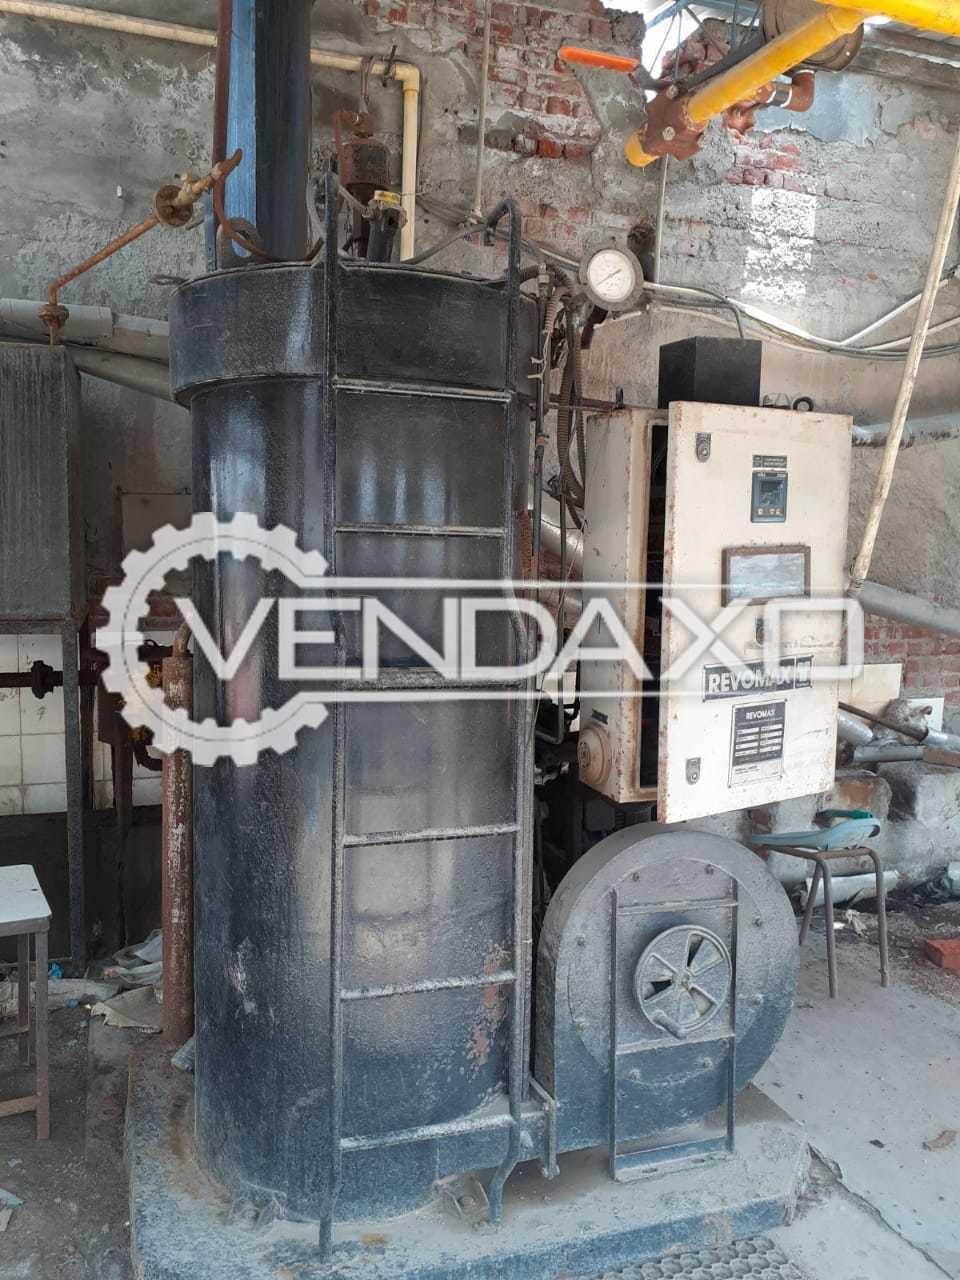 Thermax Revomax Steam Boiler - 600 KG